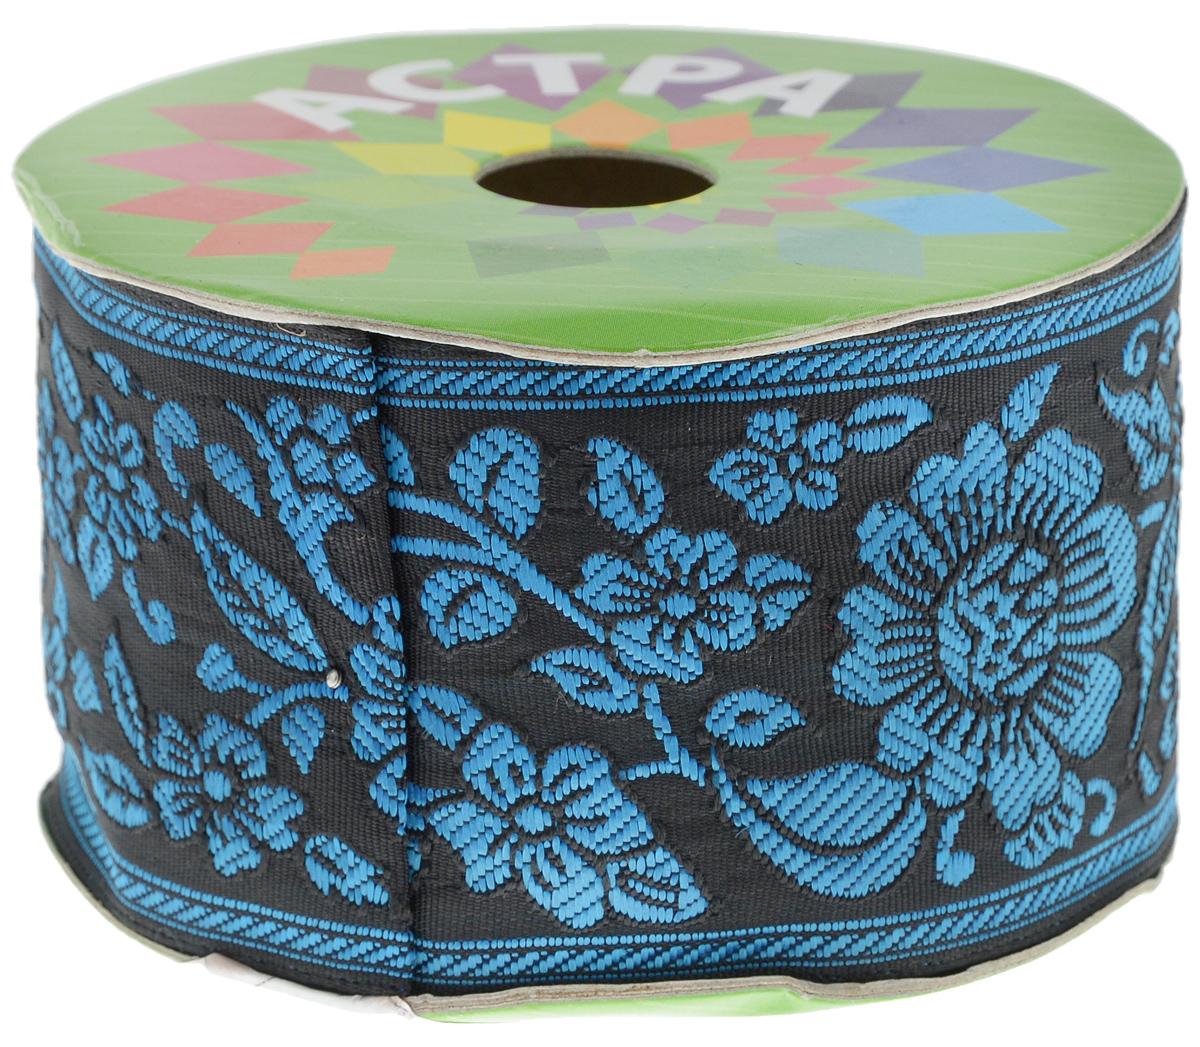 Тесьма декоративная Астра, цвет: голубой (72), ширина 6 см, длина 9 м. 77034307703430_72Декоративная тесьма Астра выполнена из текстиля и оформлена оригинальным жаккардовым орнаментом. Такая тесьма идеально подойдет для оформления различных творческих работ таких, как скрапбукинг, аппликация, декор коробок и открыток и многое другое. Тесьма наивысшего качества и практична в использовании. Она станет незаменимым элементом в создании рукотворного шедевра. Ширина: 6 см. Длина: 9 м.